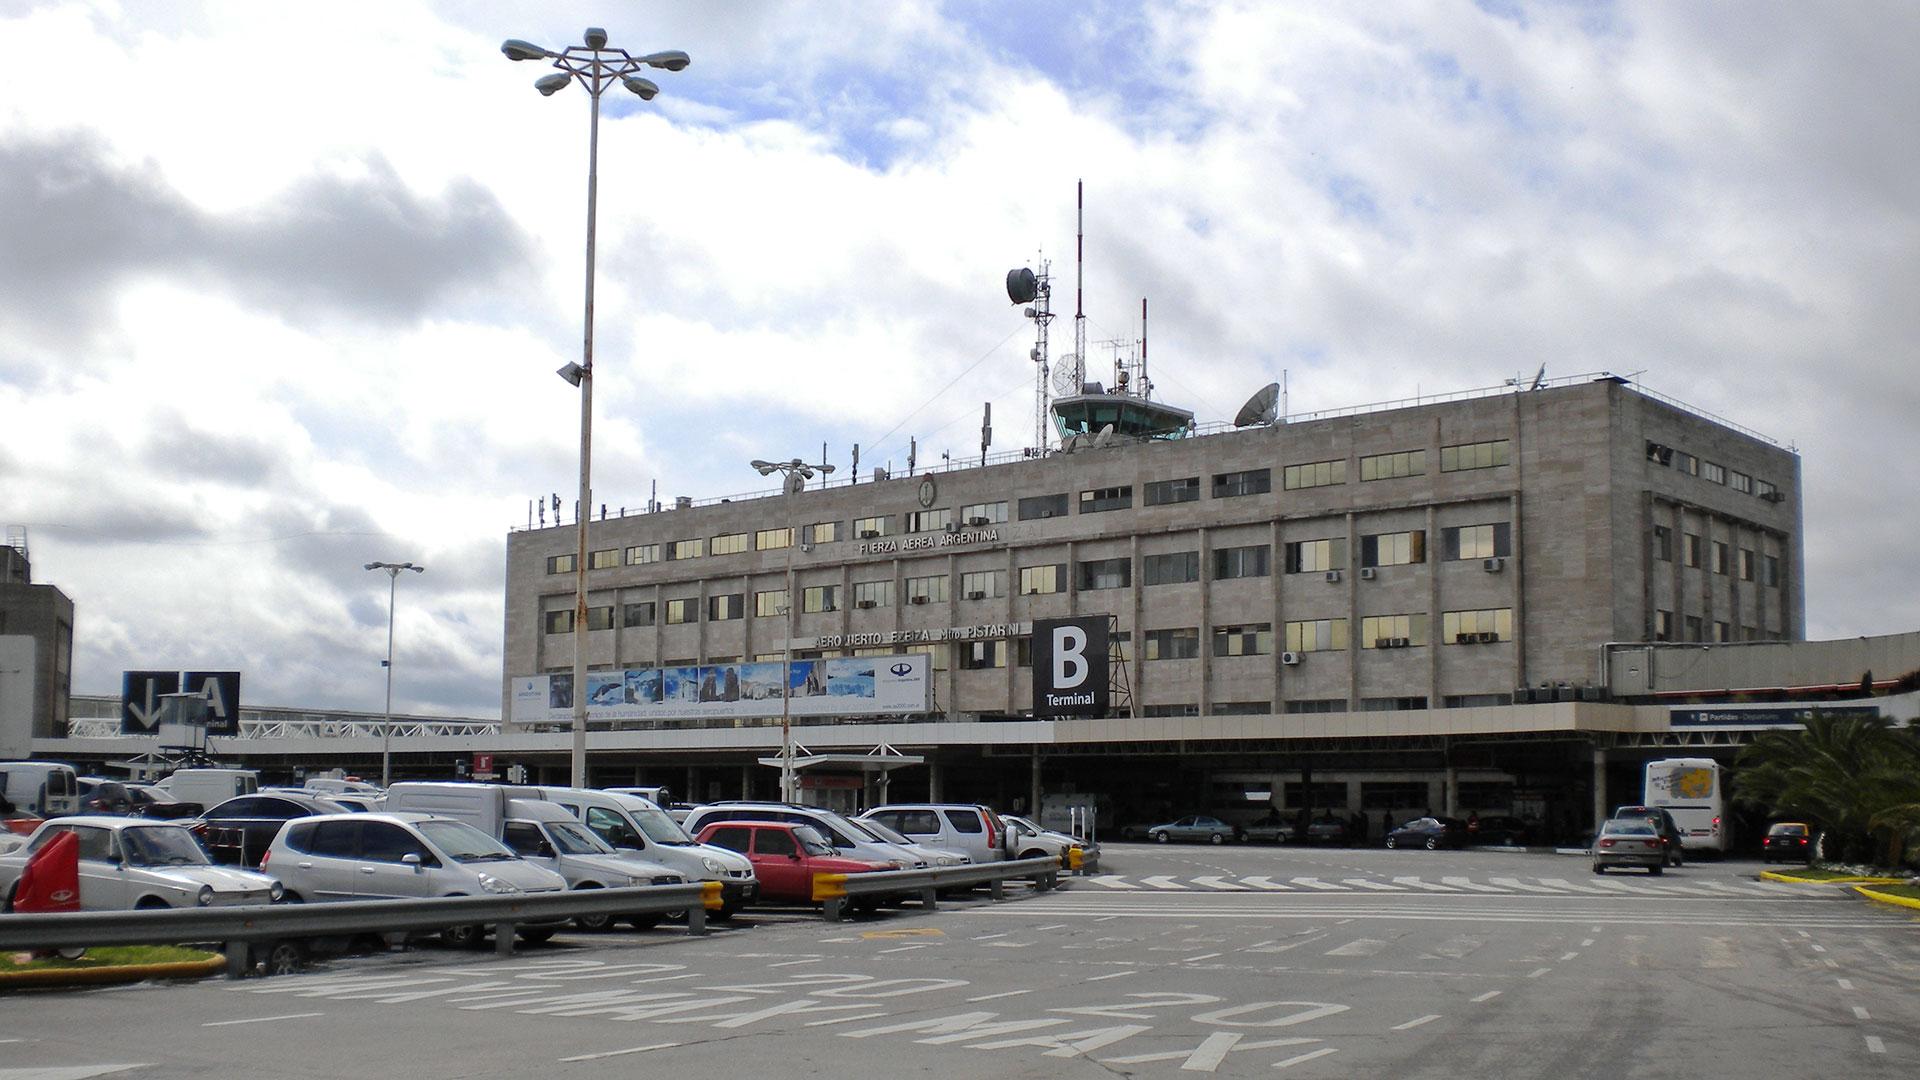 """El aeropuerto de Ezeiza estuvo 15 minutos con problemas en la torre de control por el descuido de un piloto que se puso a cantar """"Despacito"""". Increíble, pero real."""